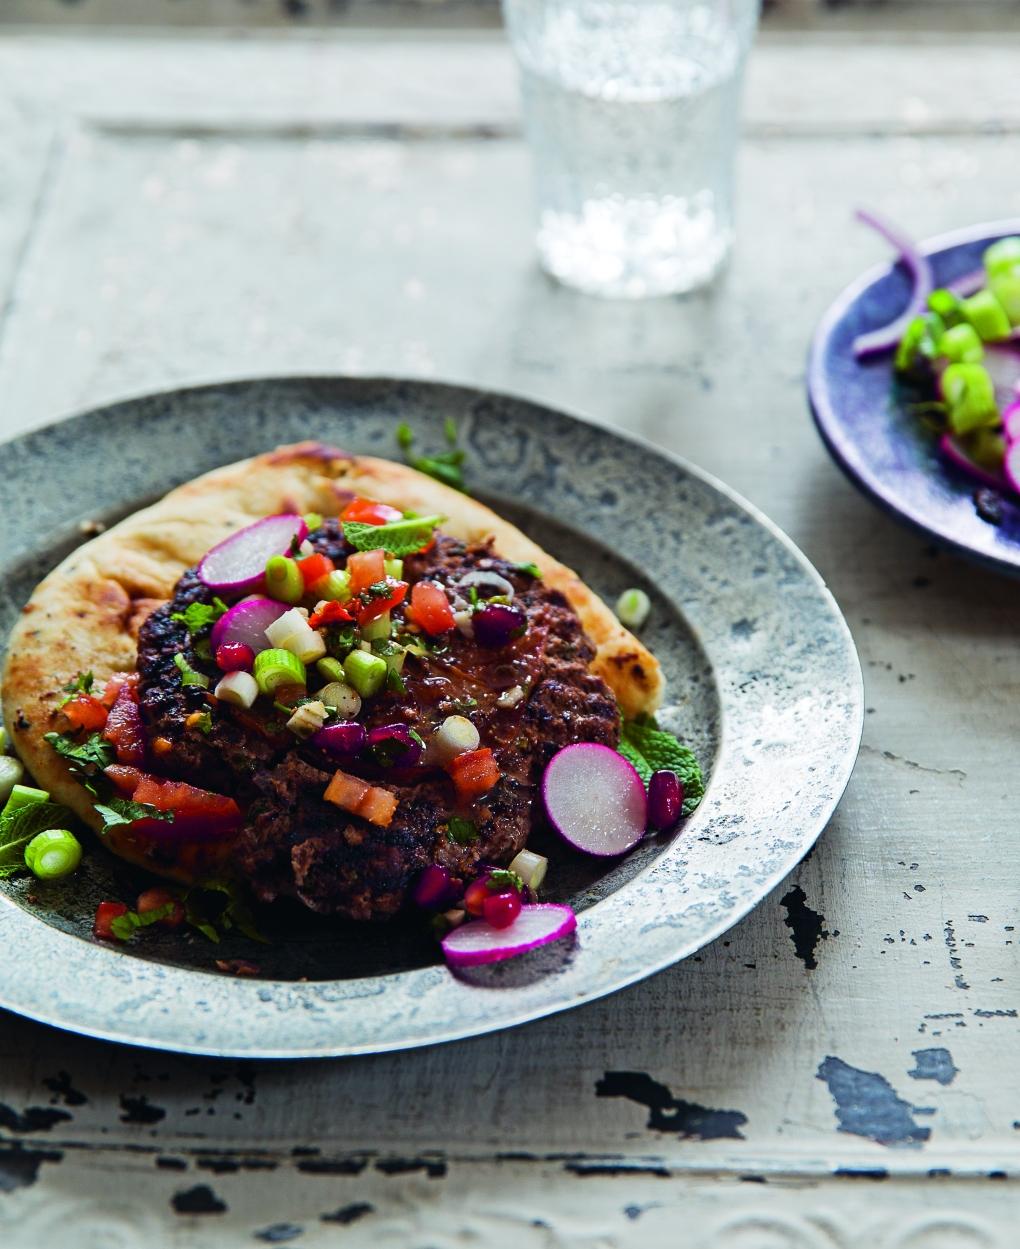 p85-SUTTT-Chapli Kebab-(c) Joanna Yee